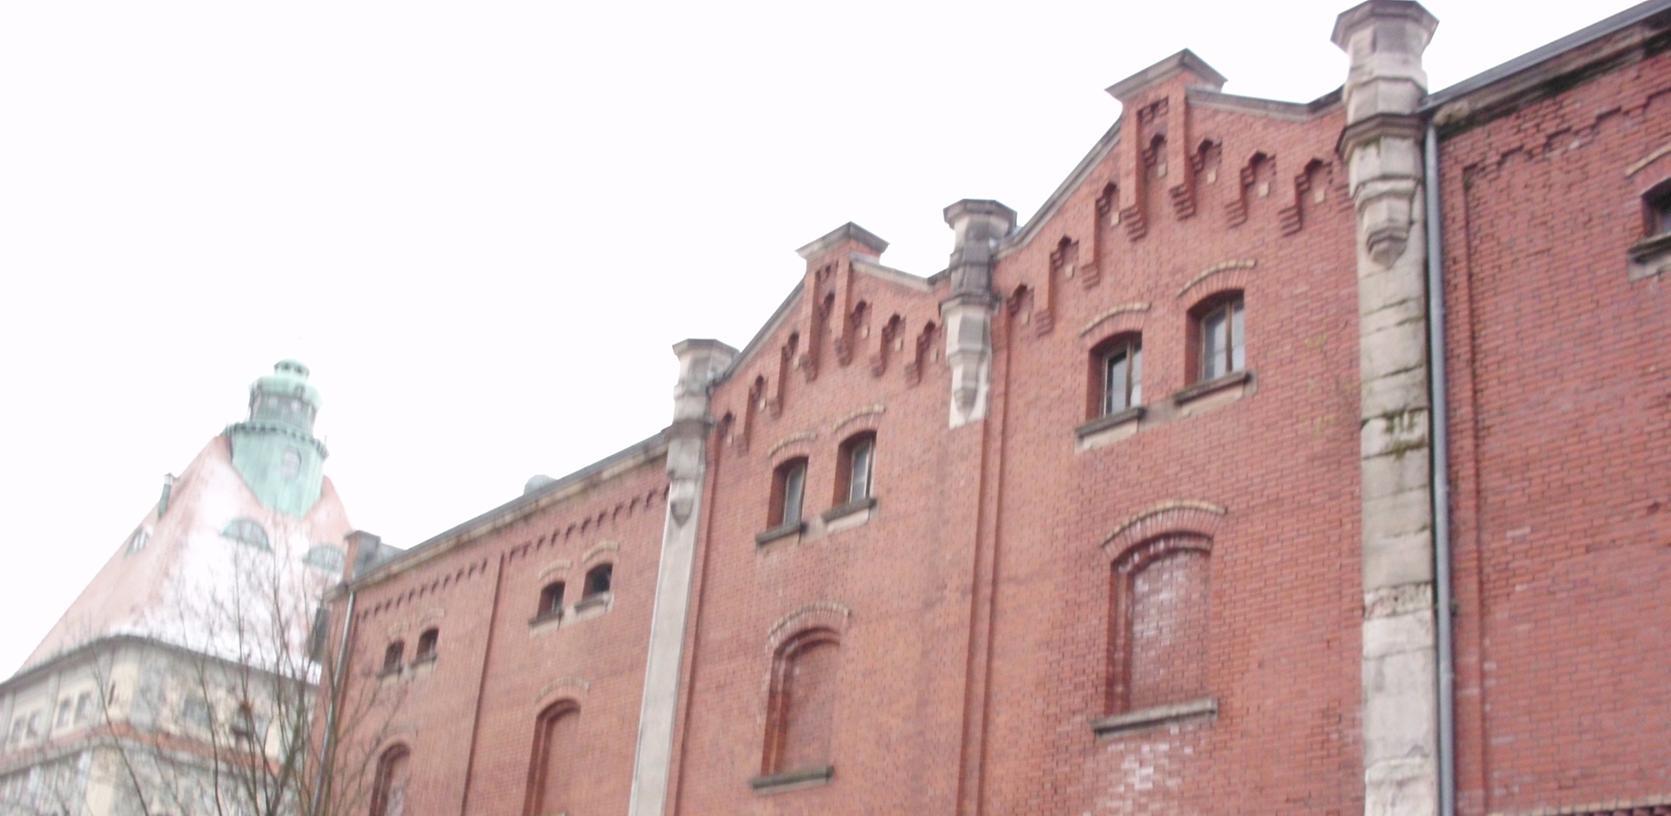 Heruntergekommenes Schmuckstück das 116 Jahre alte Gärhaus mit seiner kunstvoll gemauerten Fassade in der Fürthr Fichtenstraße.